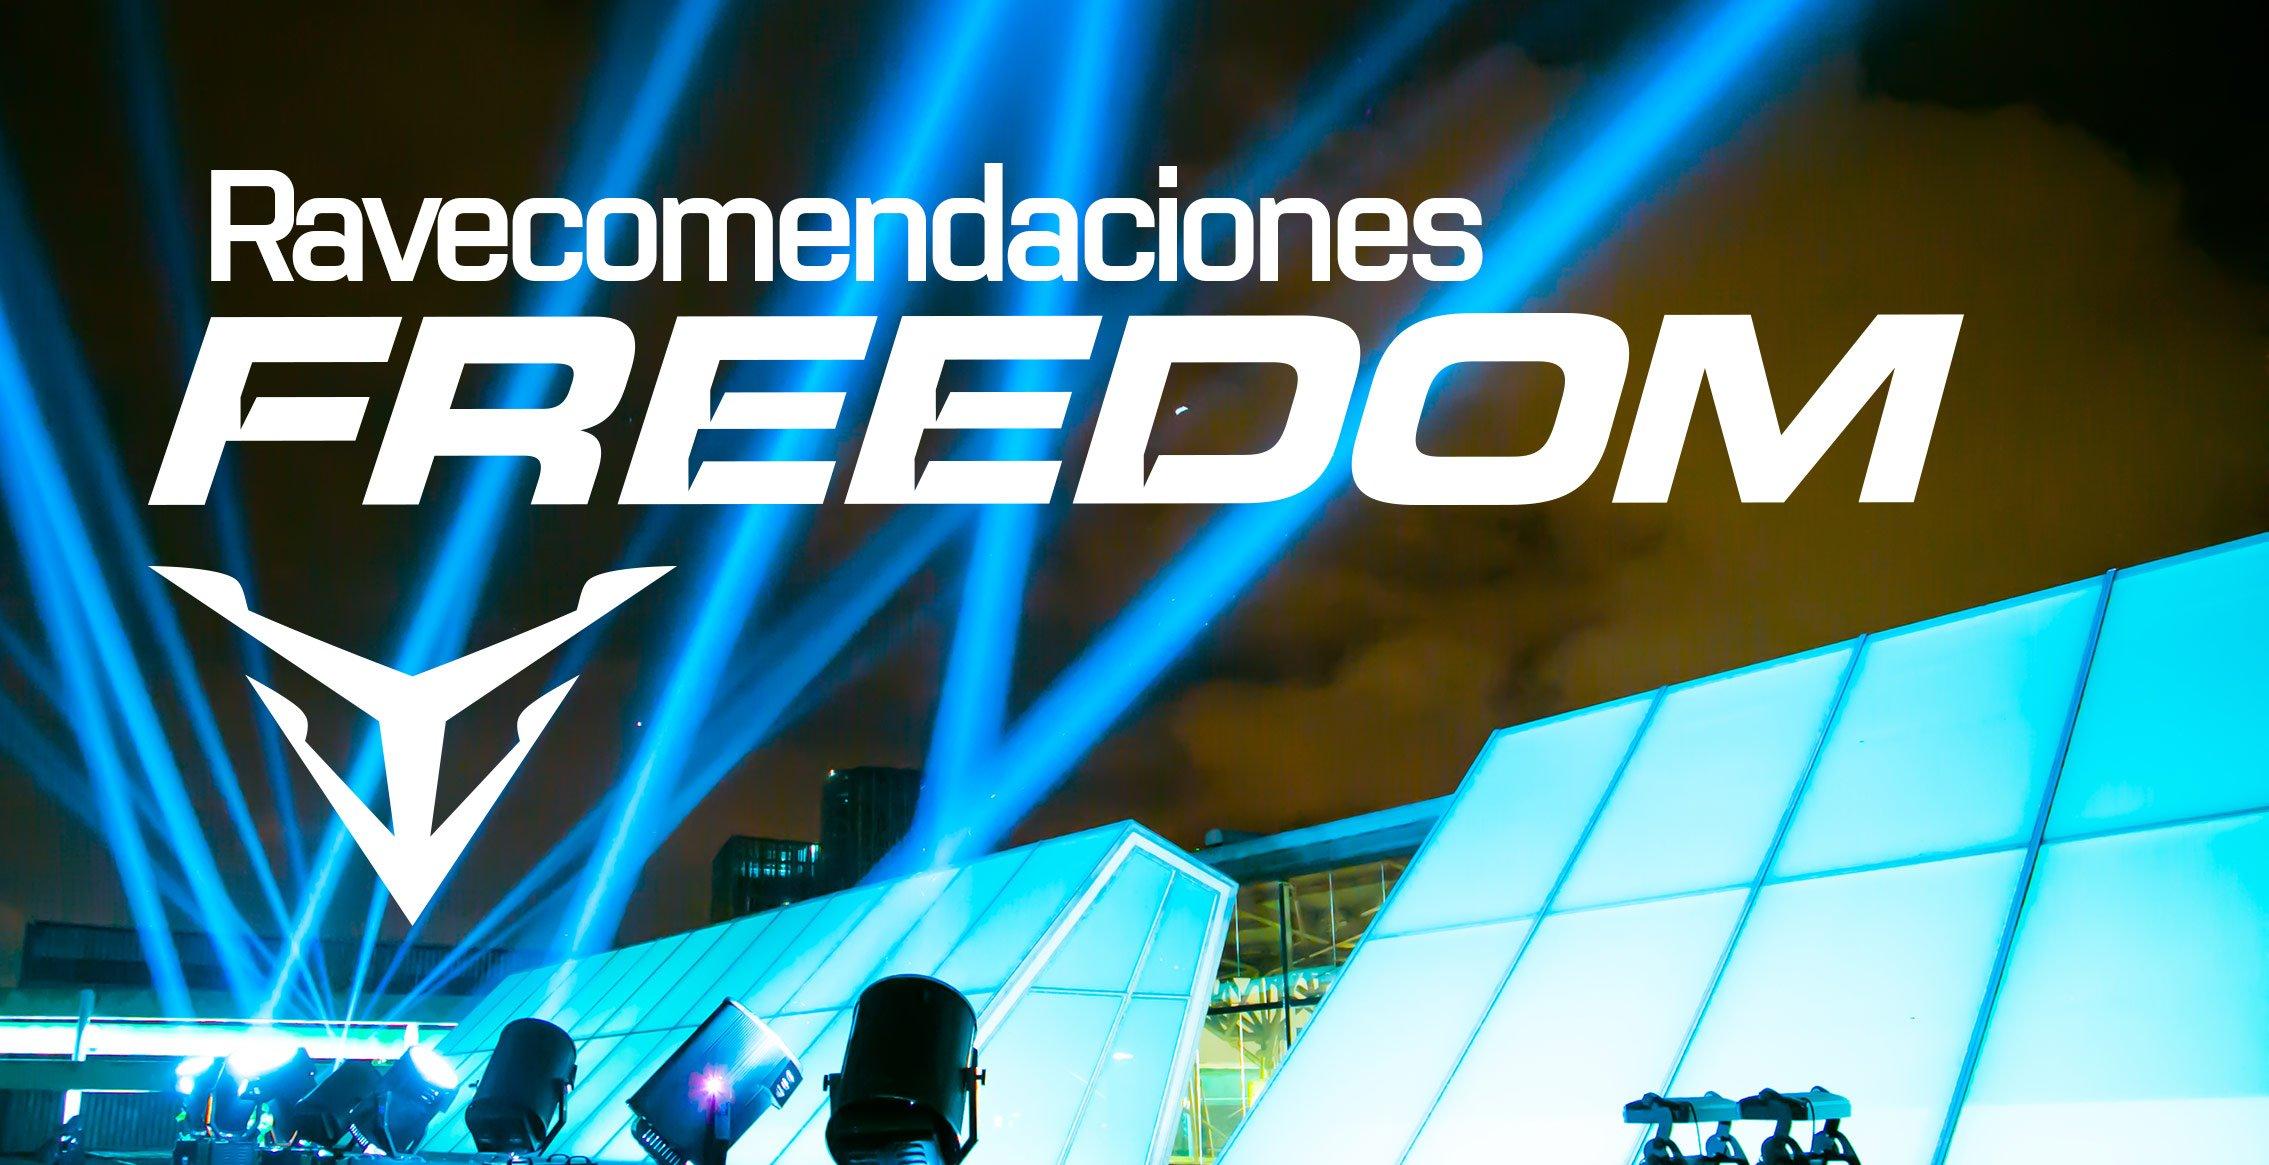 Por Favor tenga en cuenta éstas Ravecomendaciones especiales para el FREEDOM por MedellinStyle.com